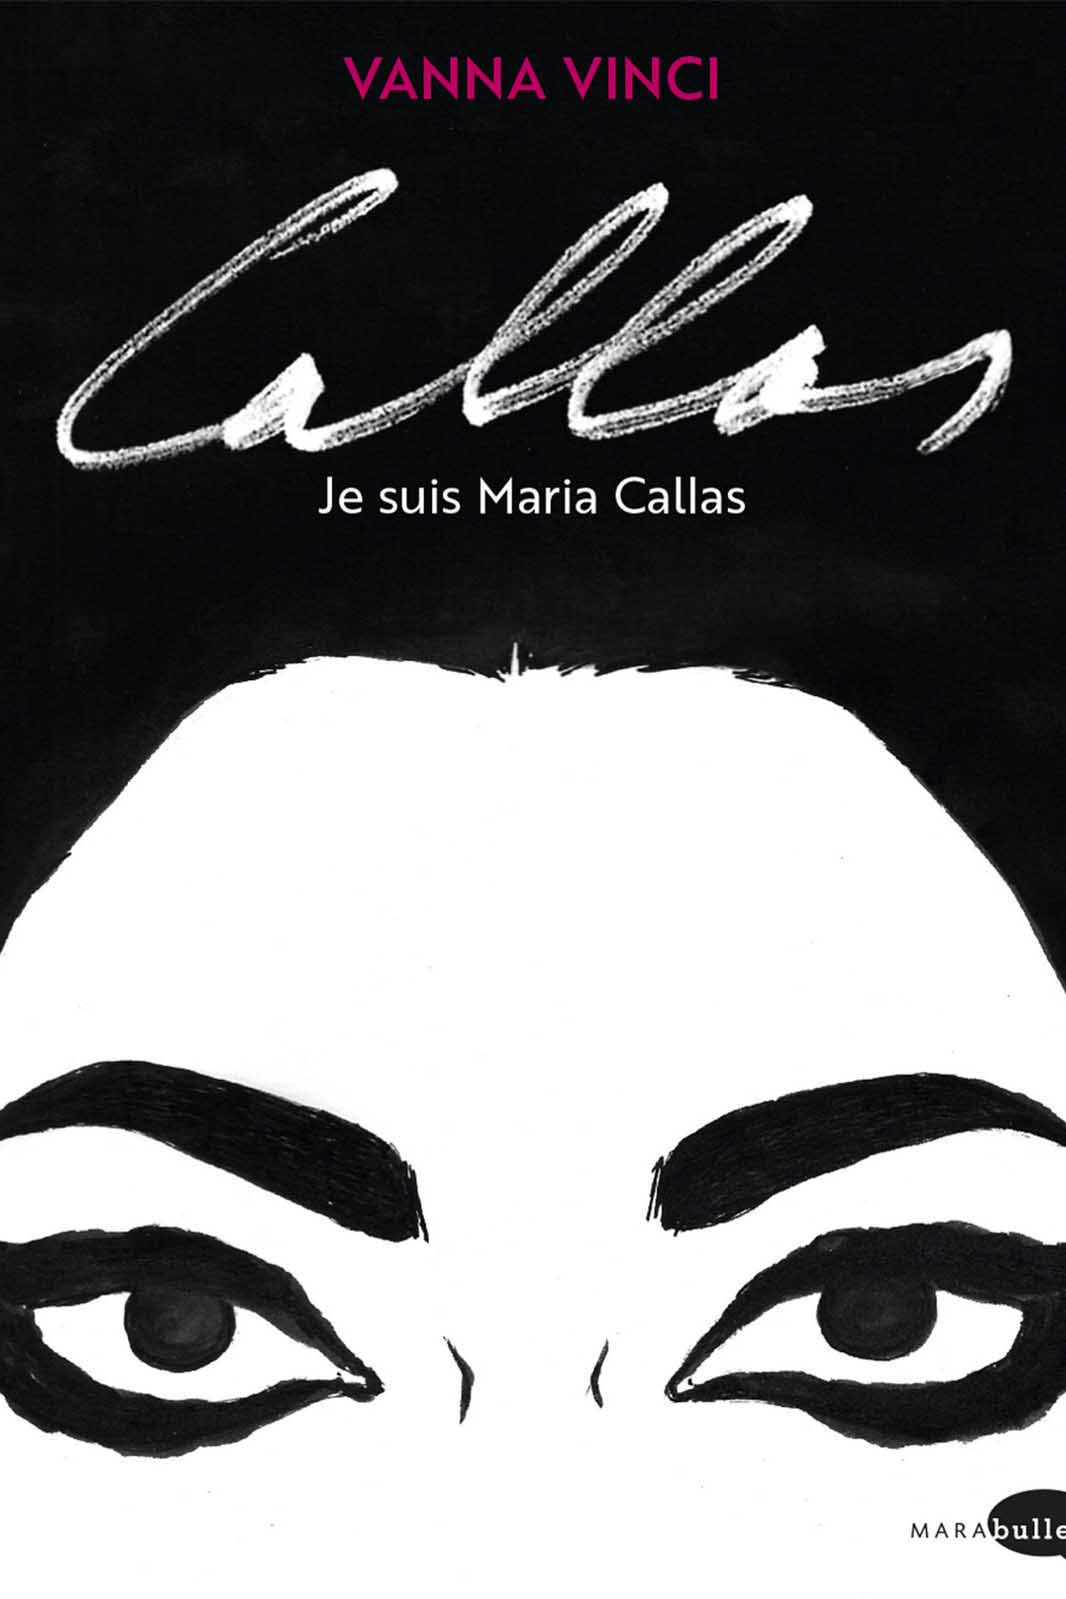 Callas, je suis Maria Callas